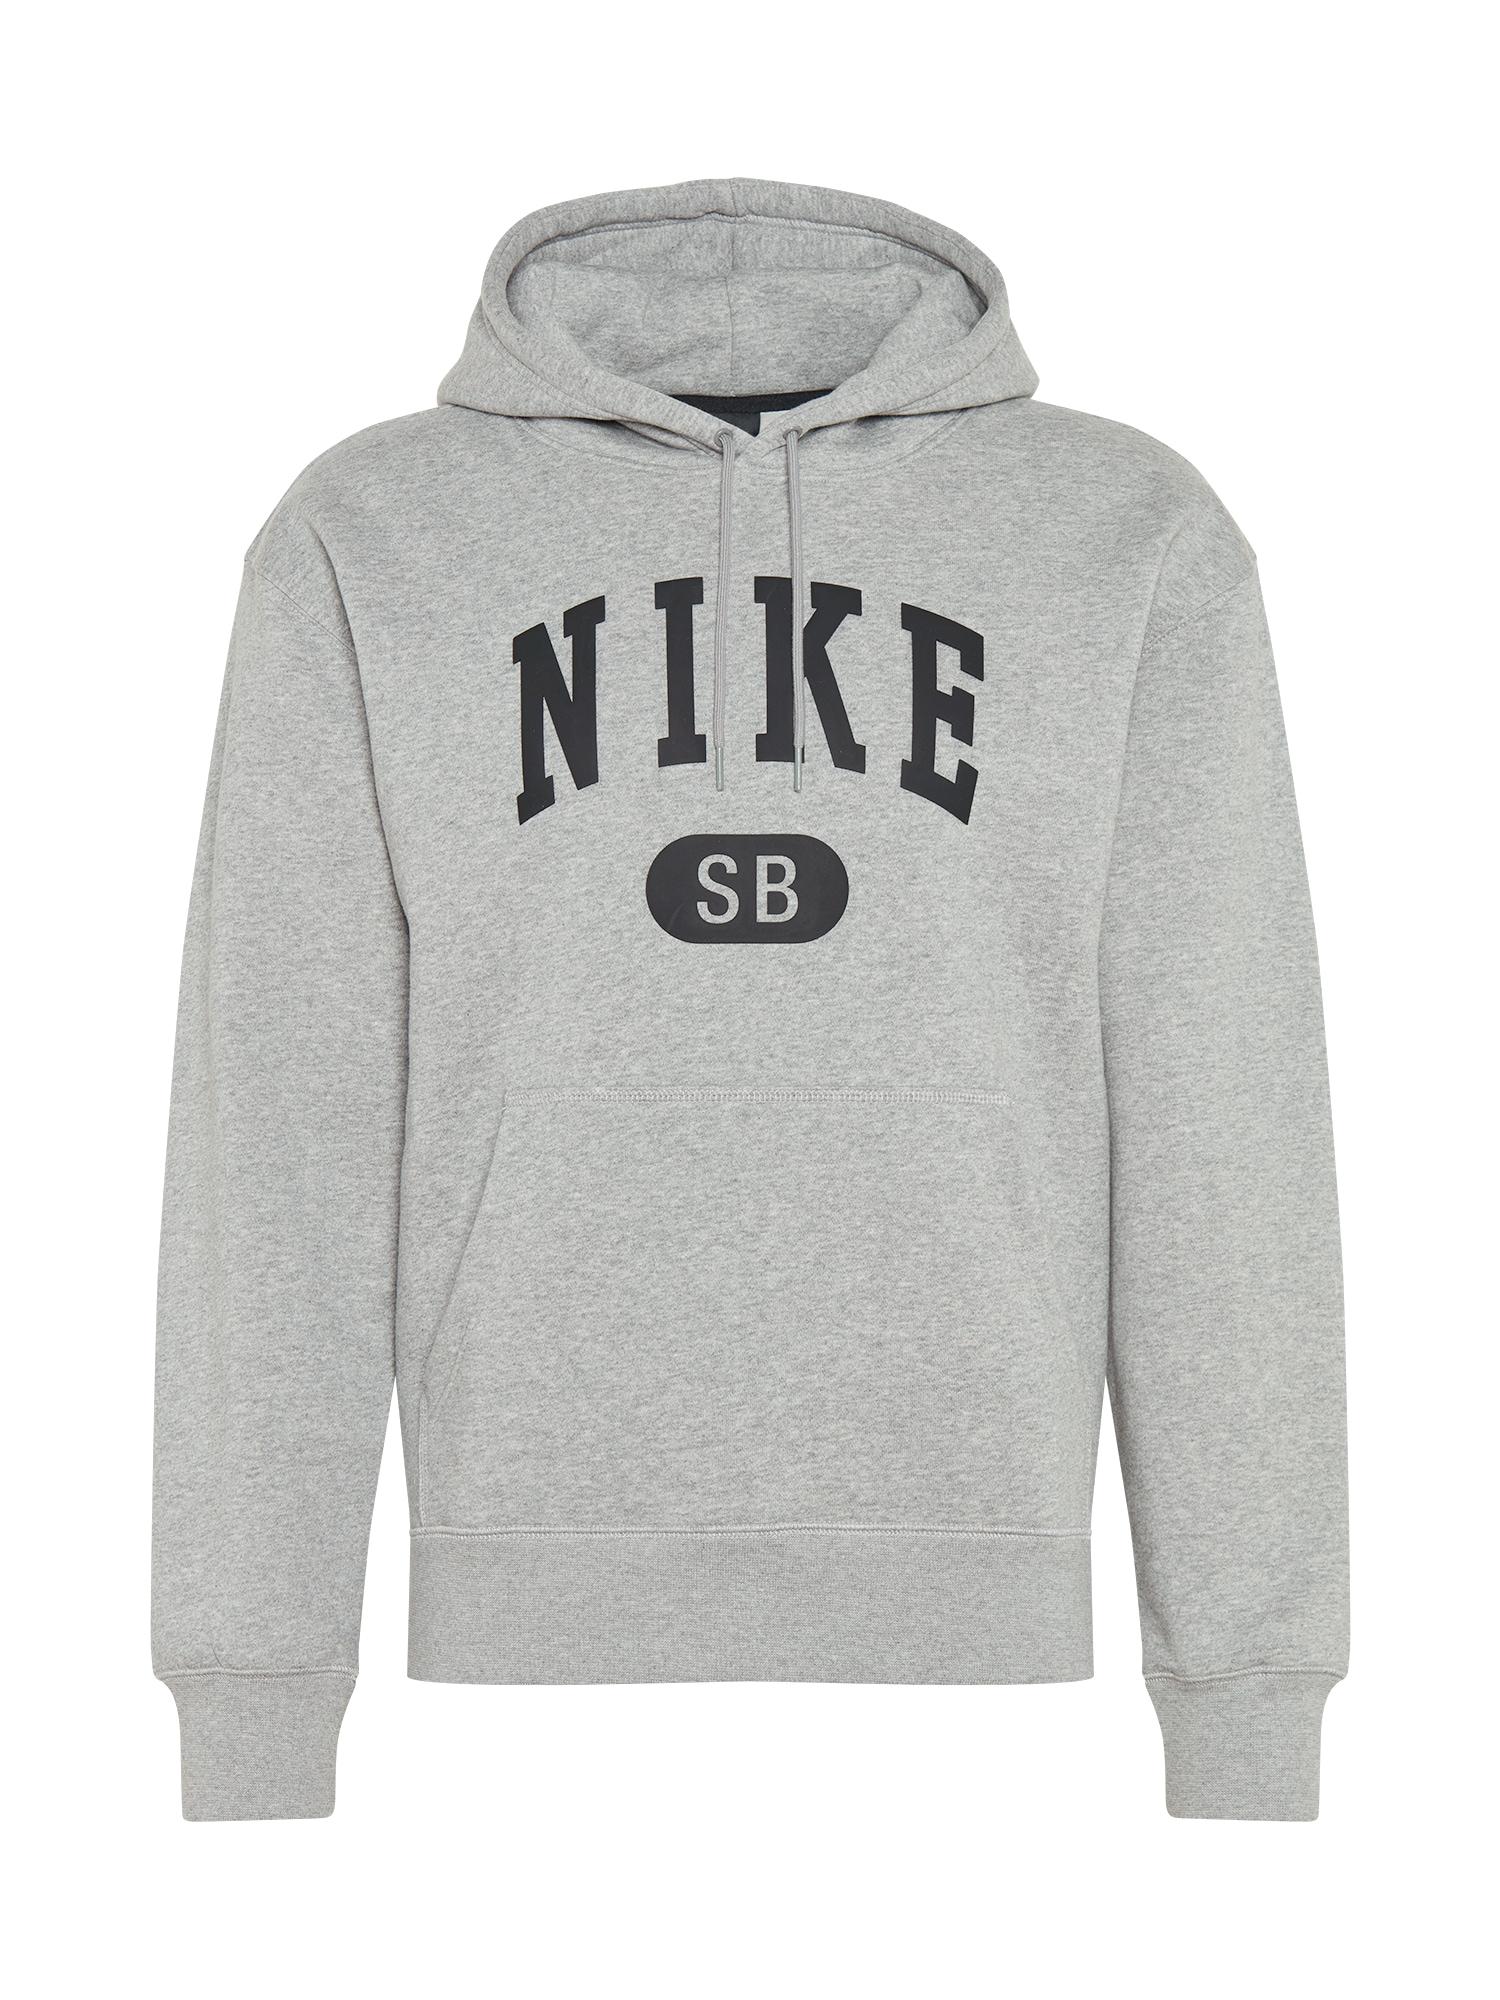 Nike SB Sportinio tipo megztinis margai pilka / bazalto pilka